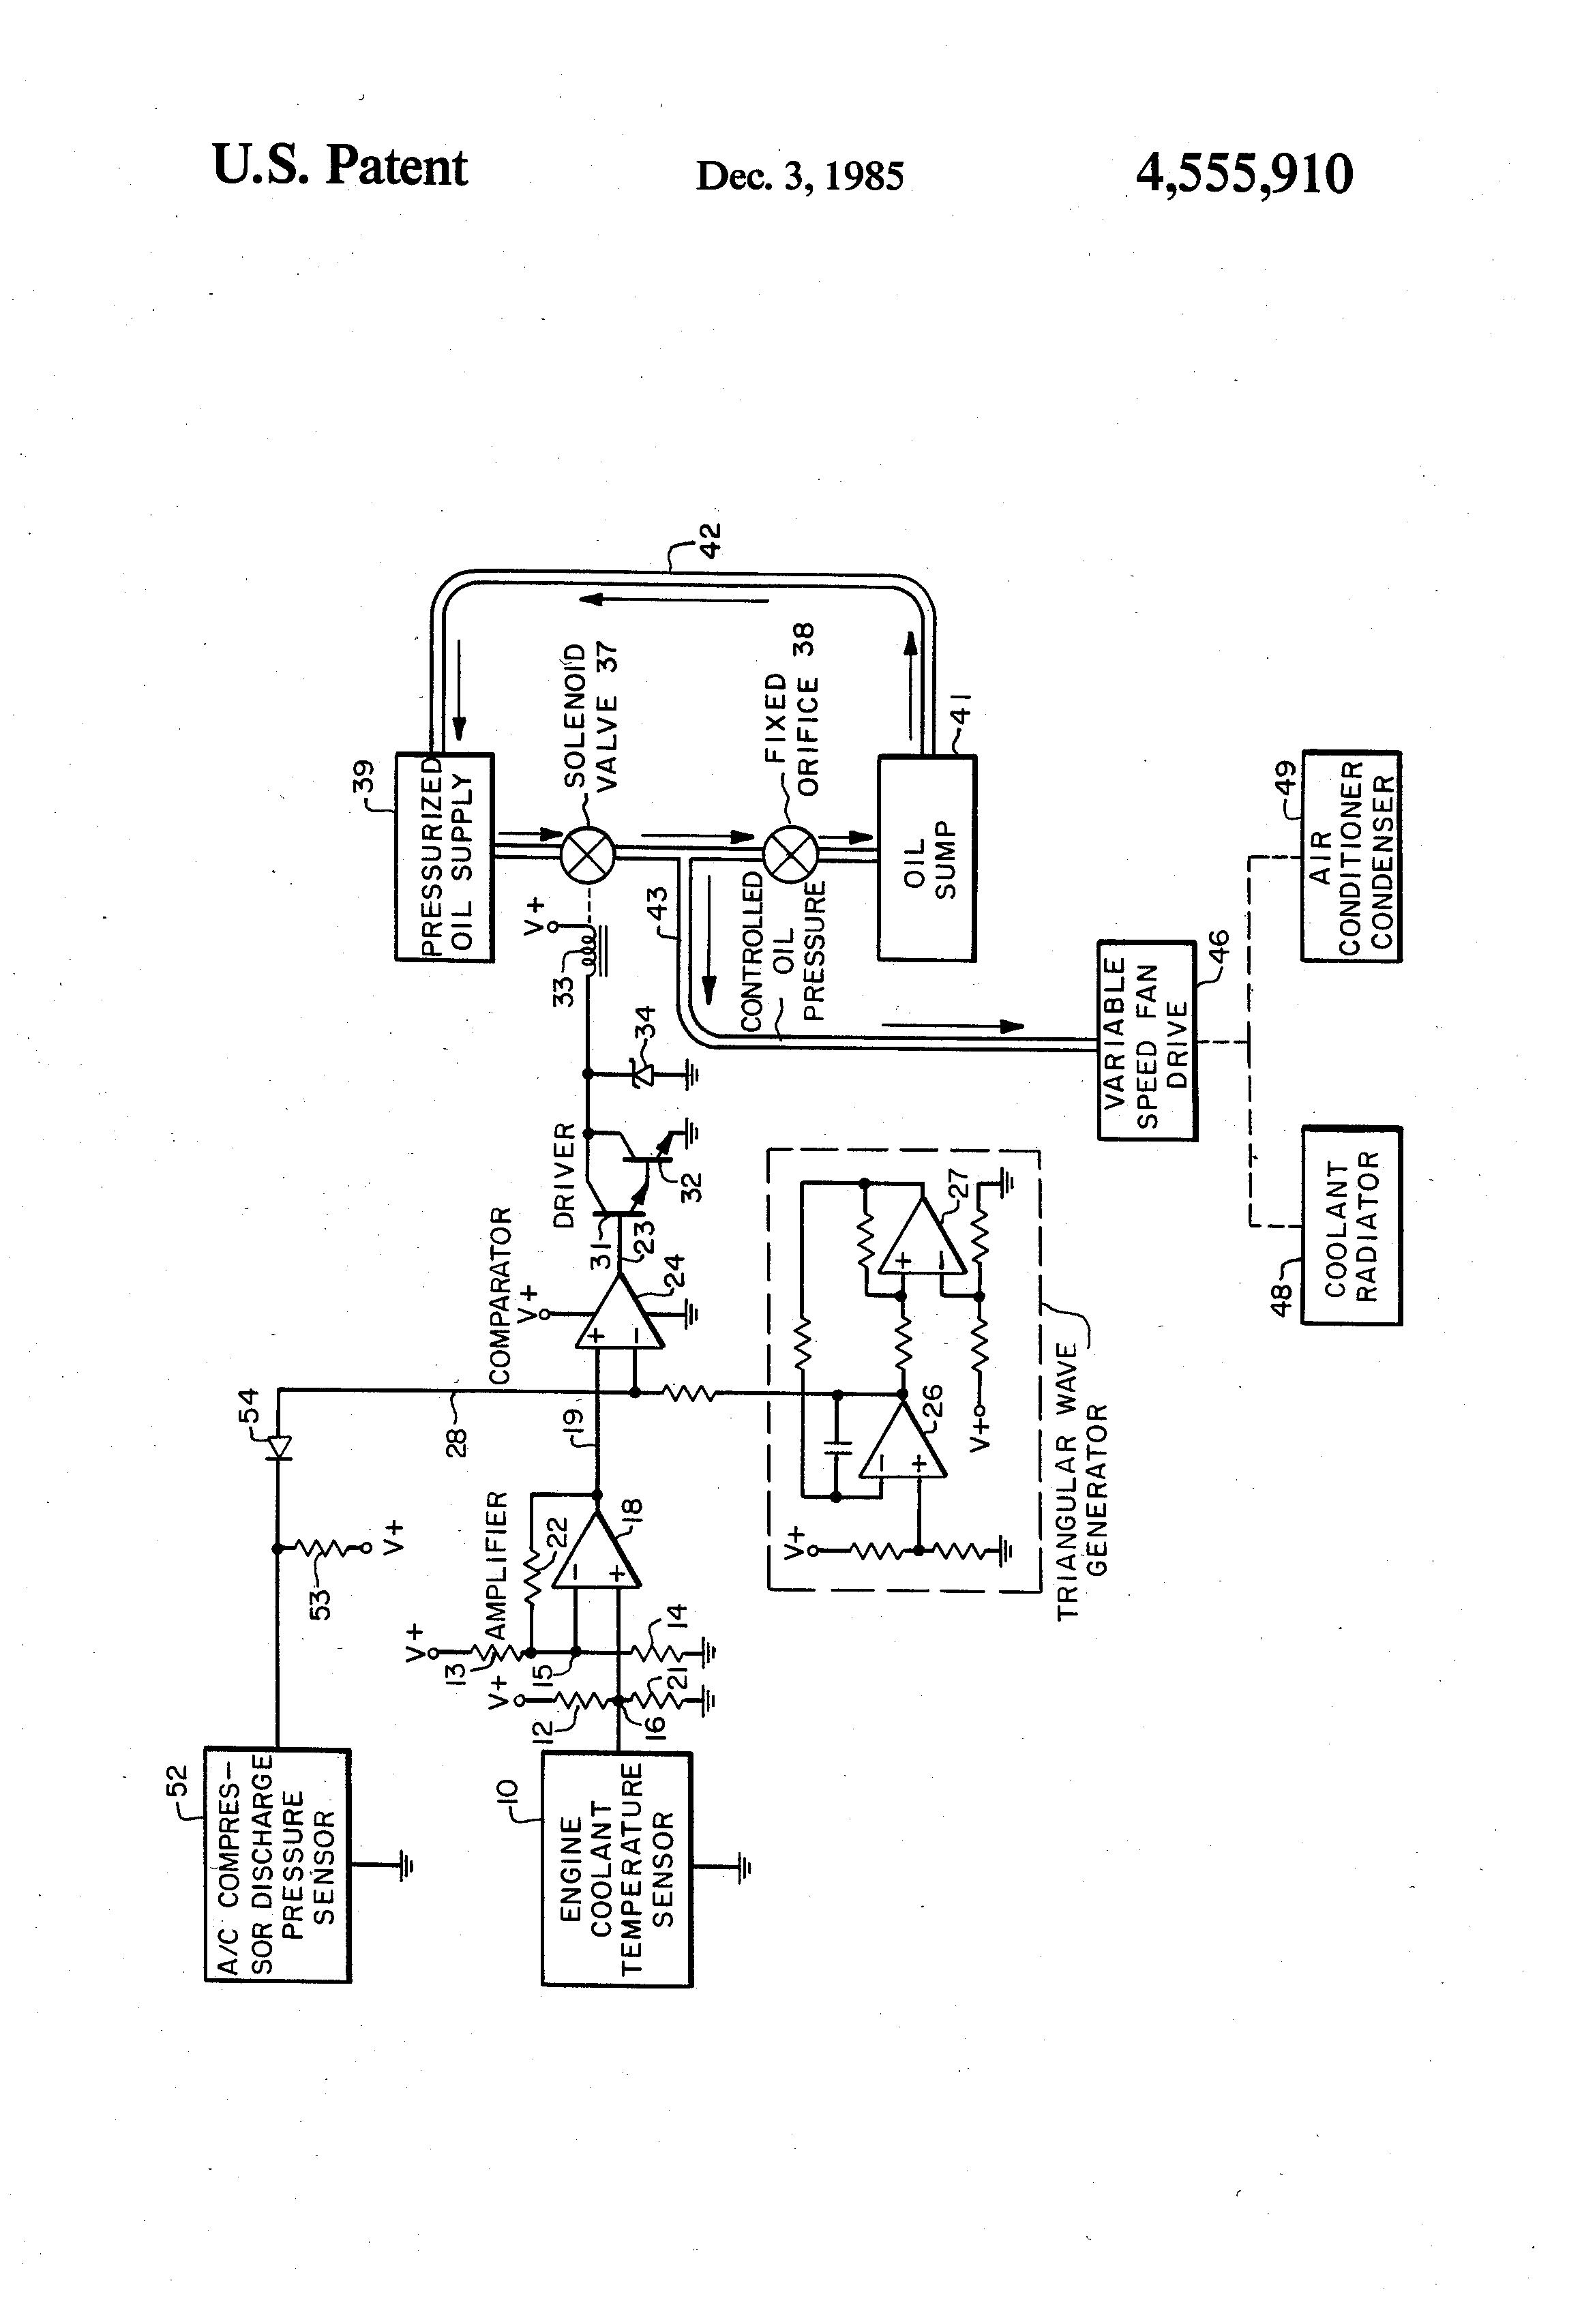 Coolant/refrigerant temperature control system   Patents #3C3C3C